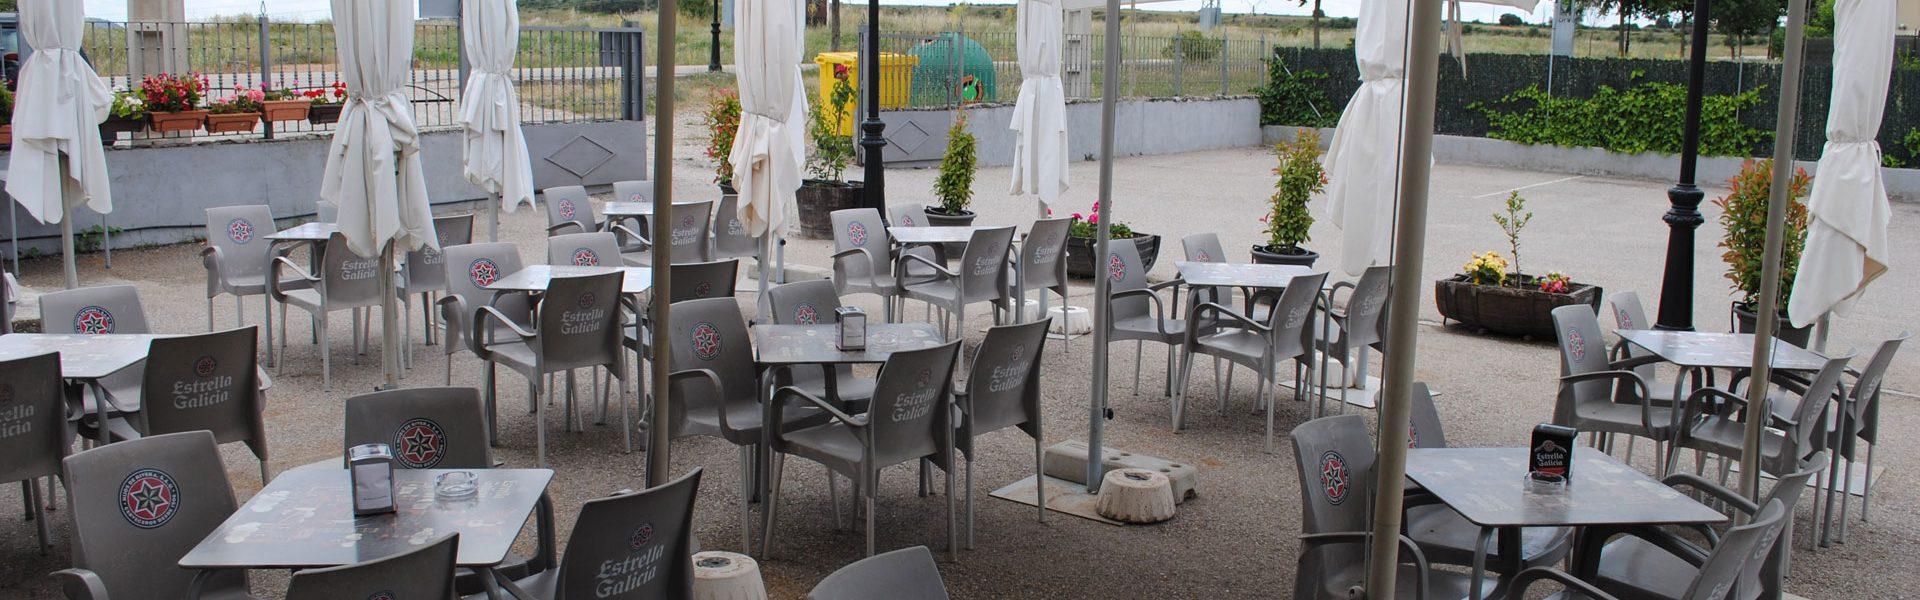 restaurante-bar-tienda-area-del-tamajon_64